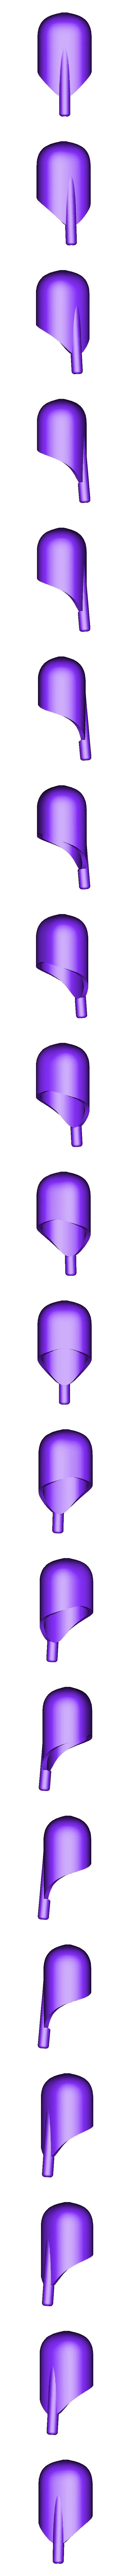 thimble1.stl Télécharger fichier STL gratuit Kara Kesh (arme de poing goa'uld) • Plan pour imprimante 3D, poblocki1982